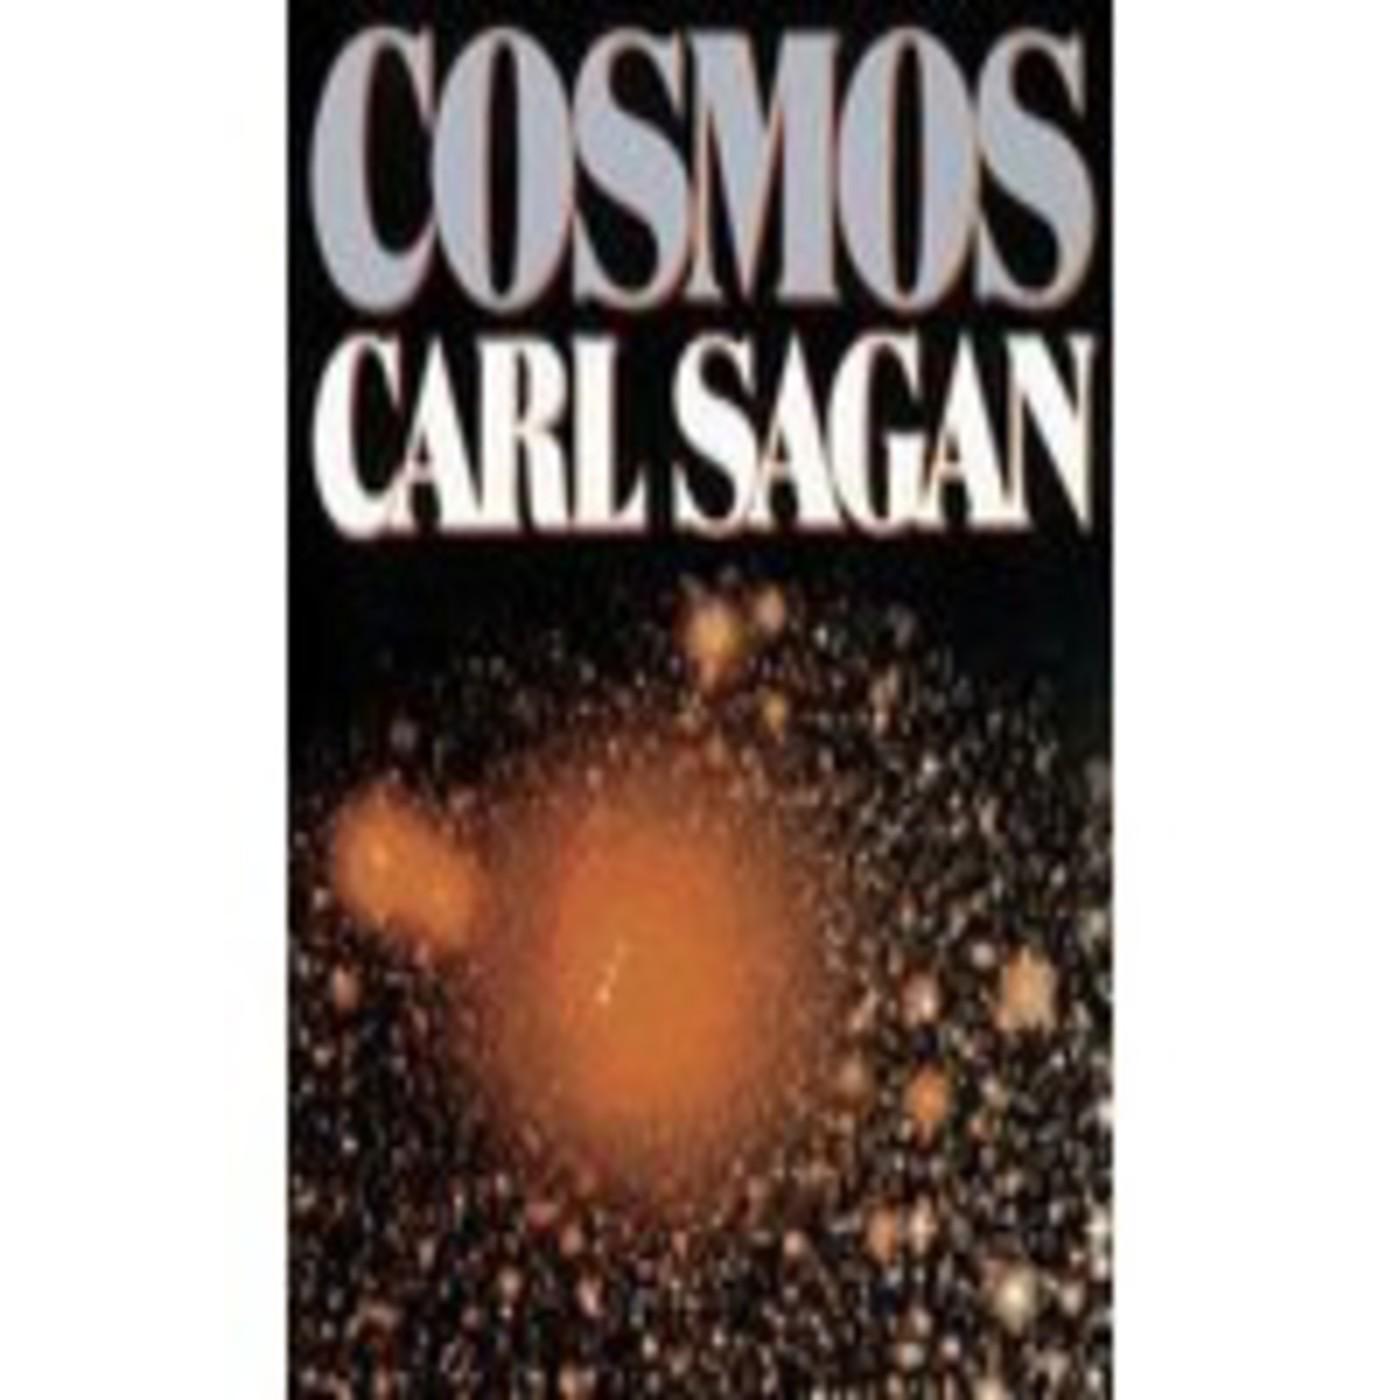 COSMOS (Carl Sagan) - En la orilla del océano cósmico